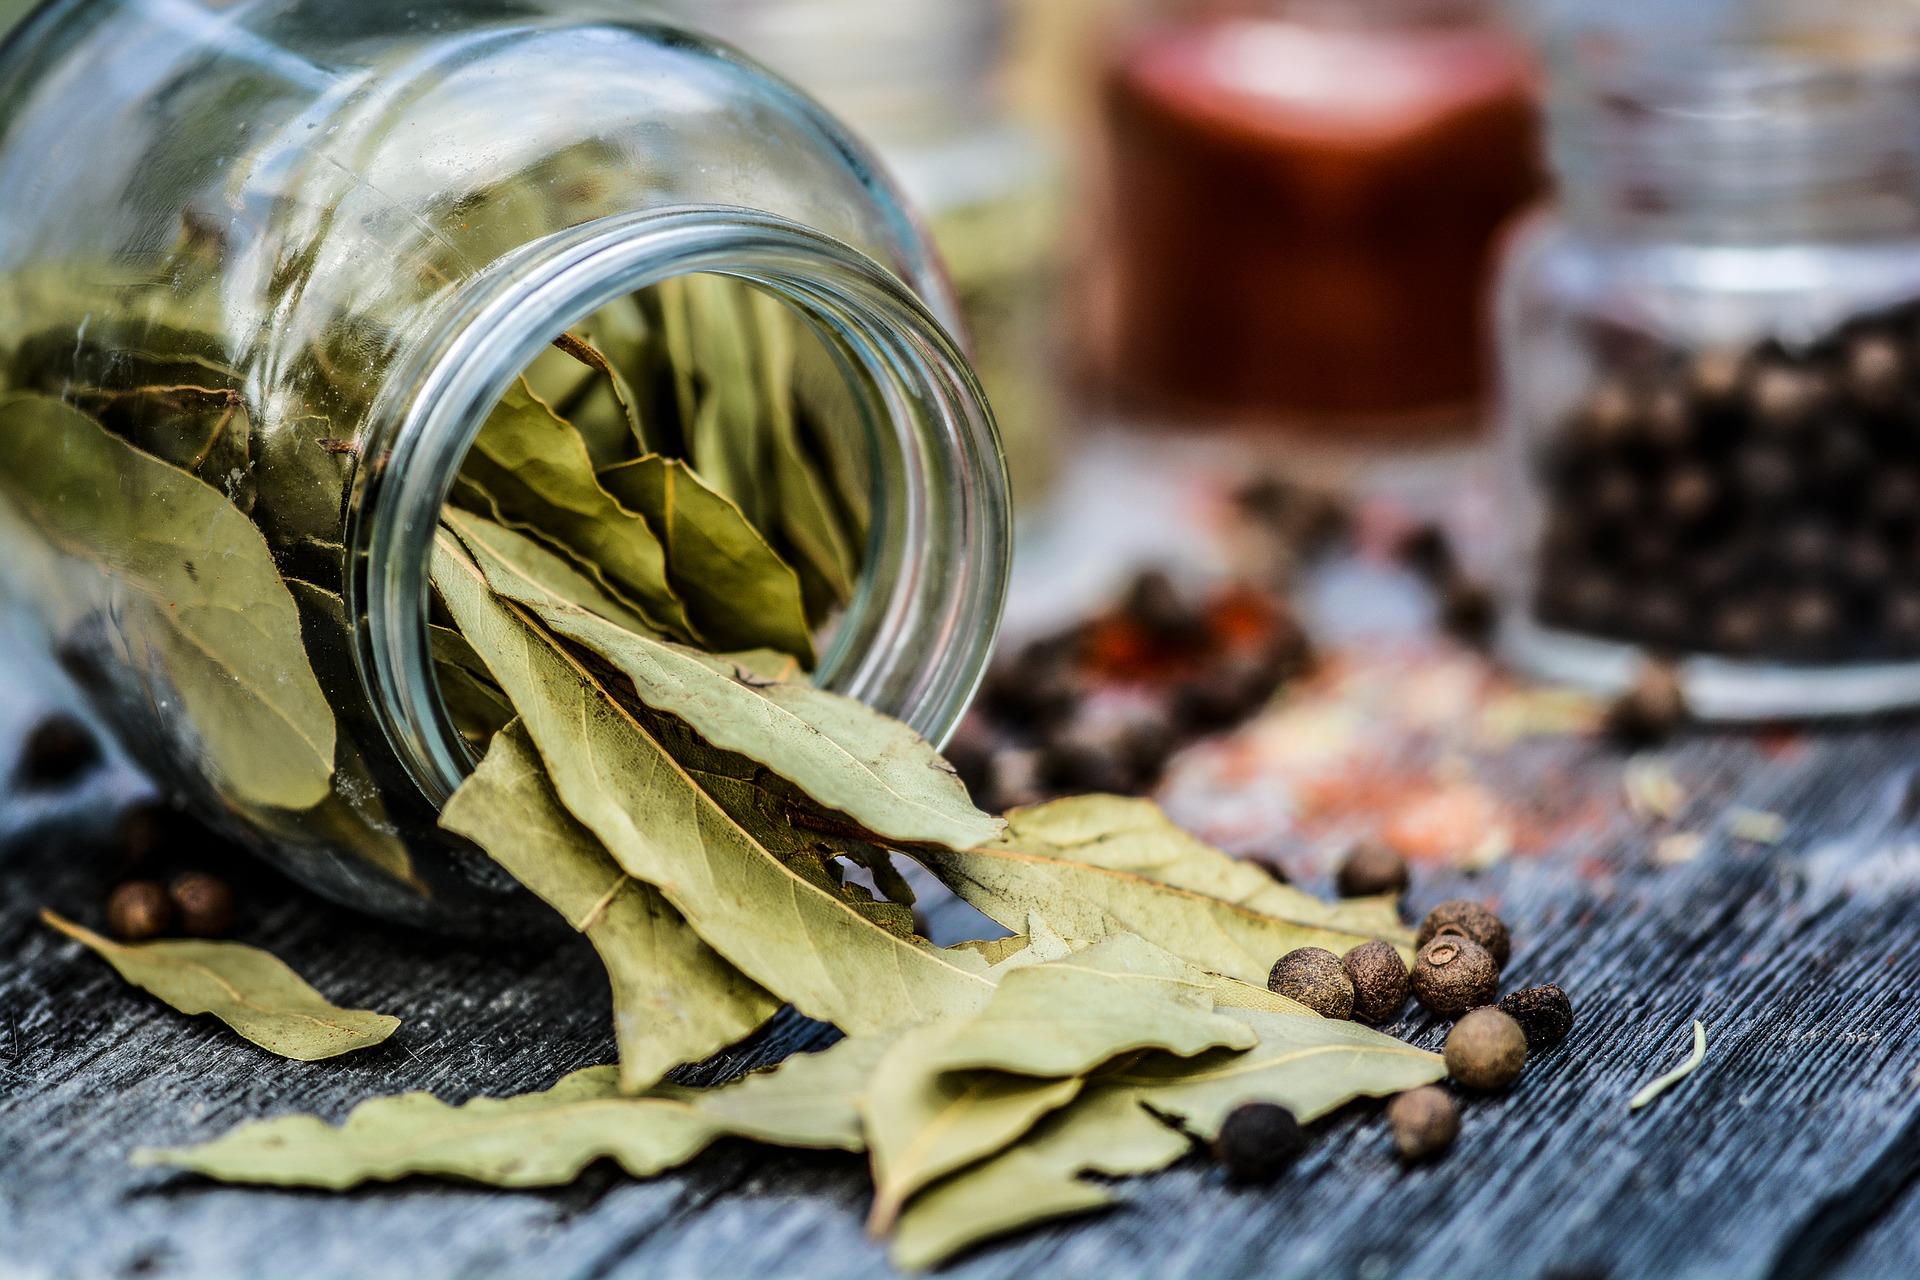 Nové koření se při vaření velmi často kombinuje s bobkovým listem